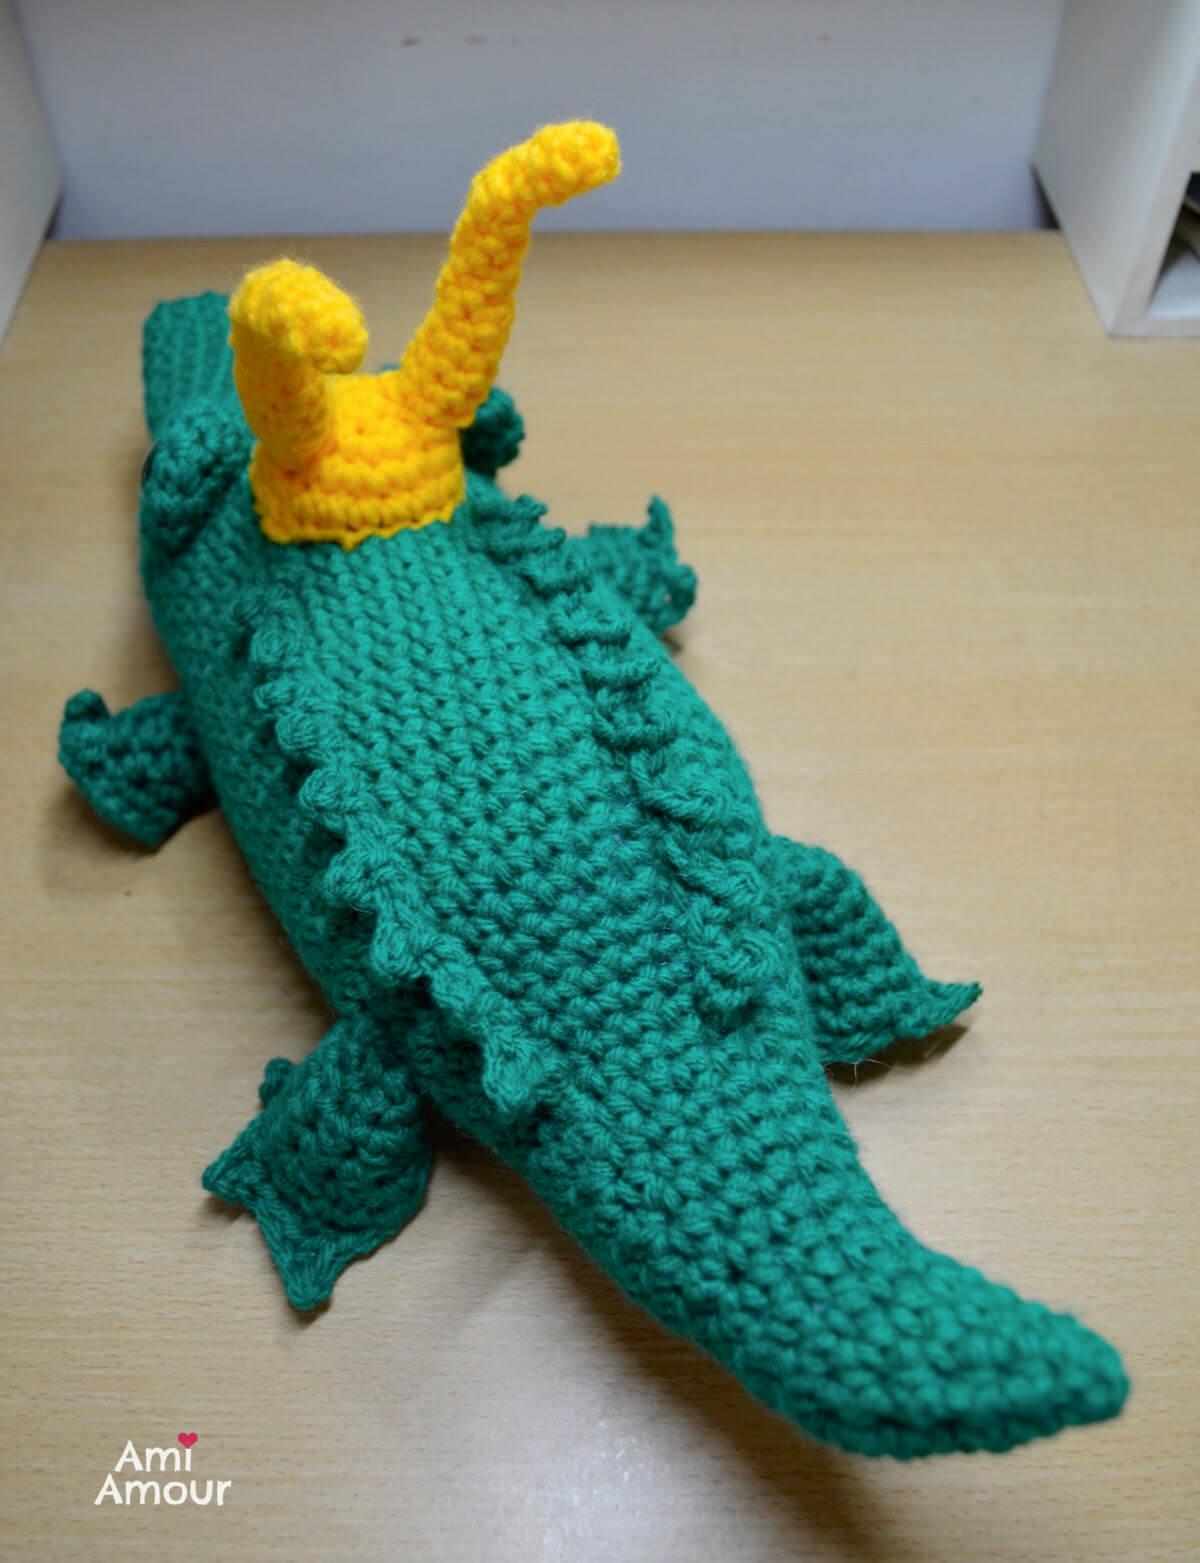 Crochet Alligator Back